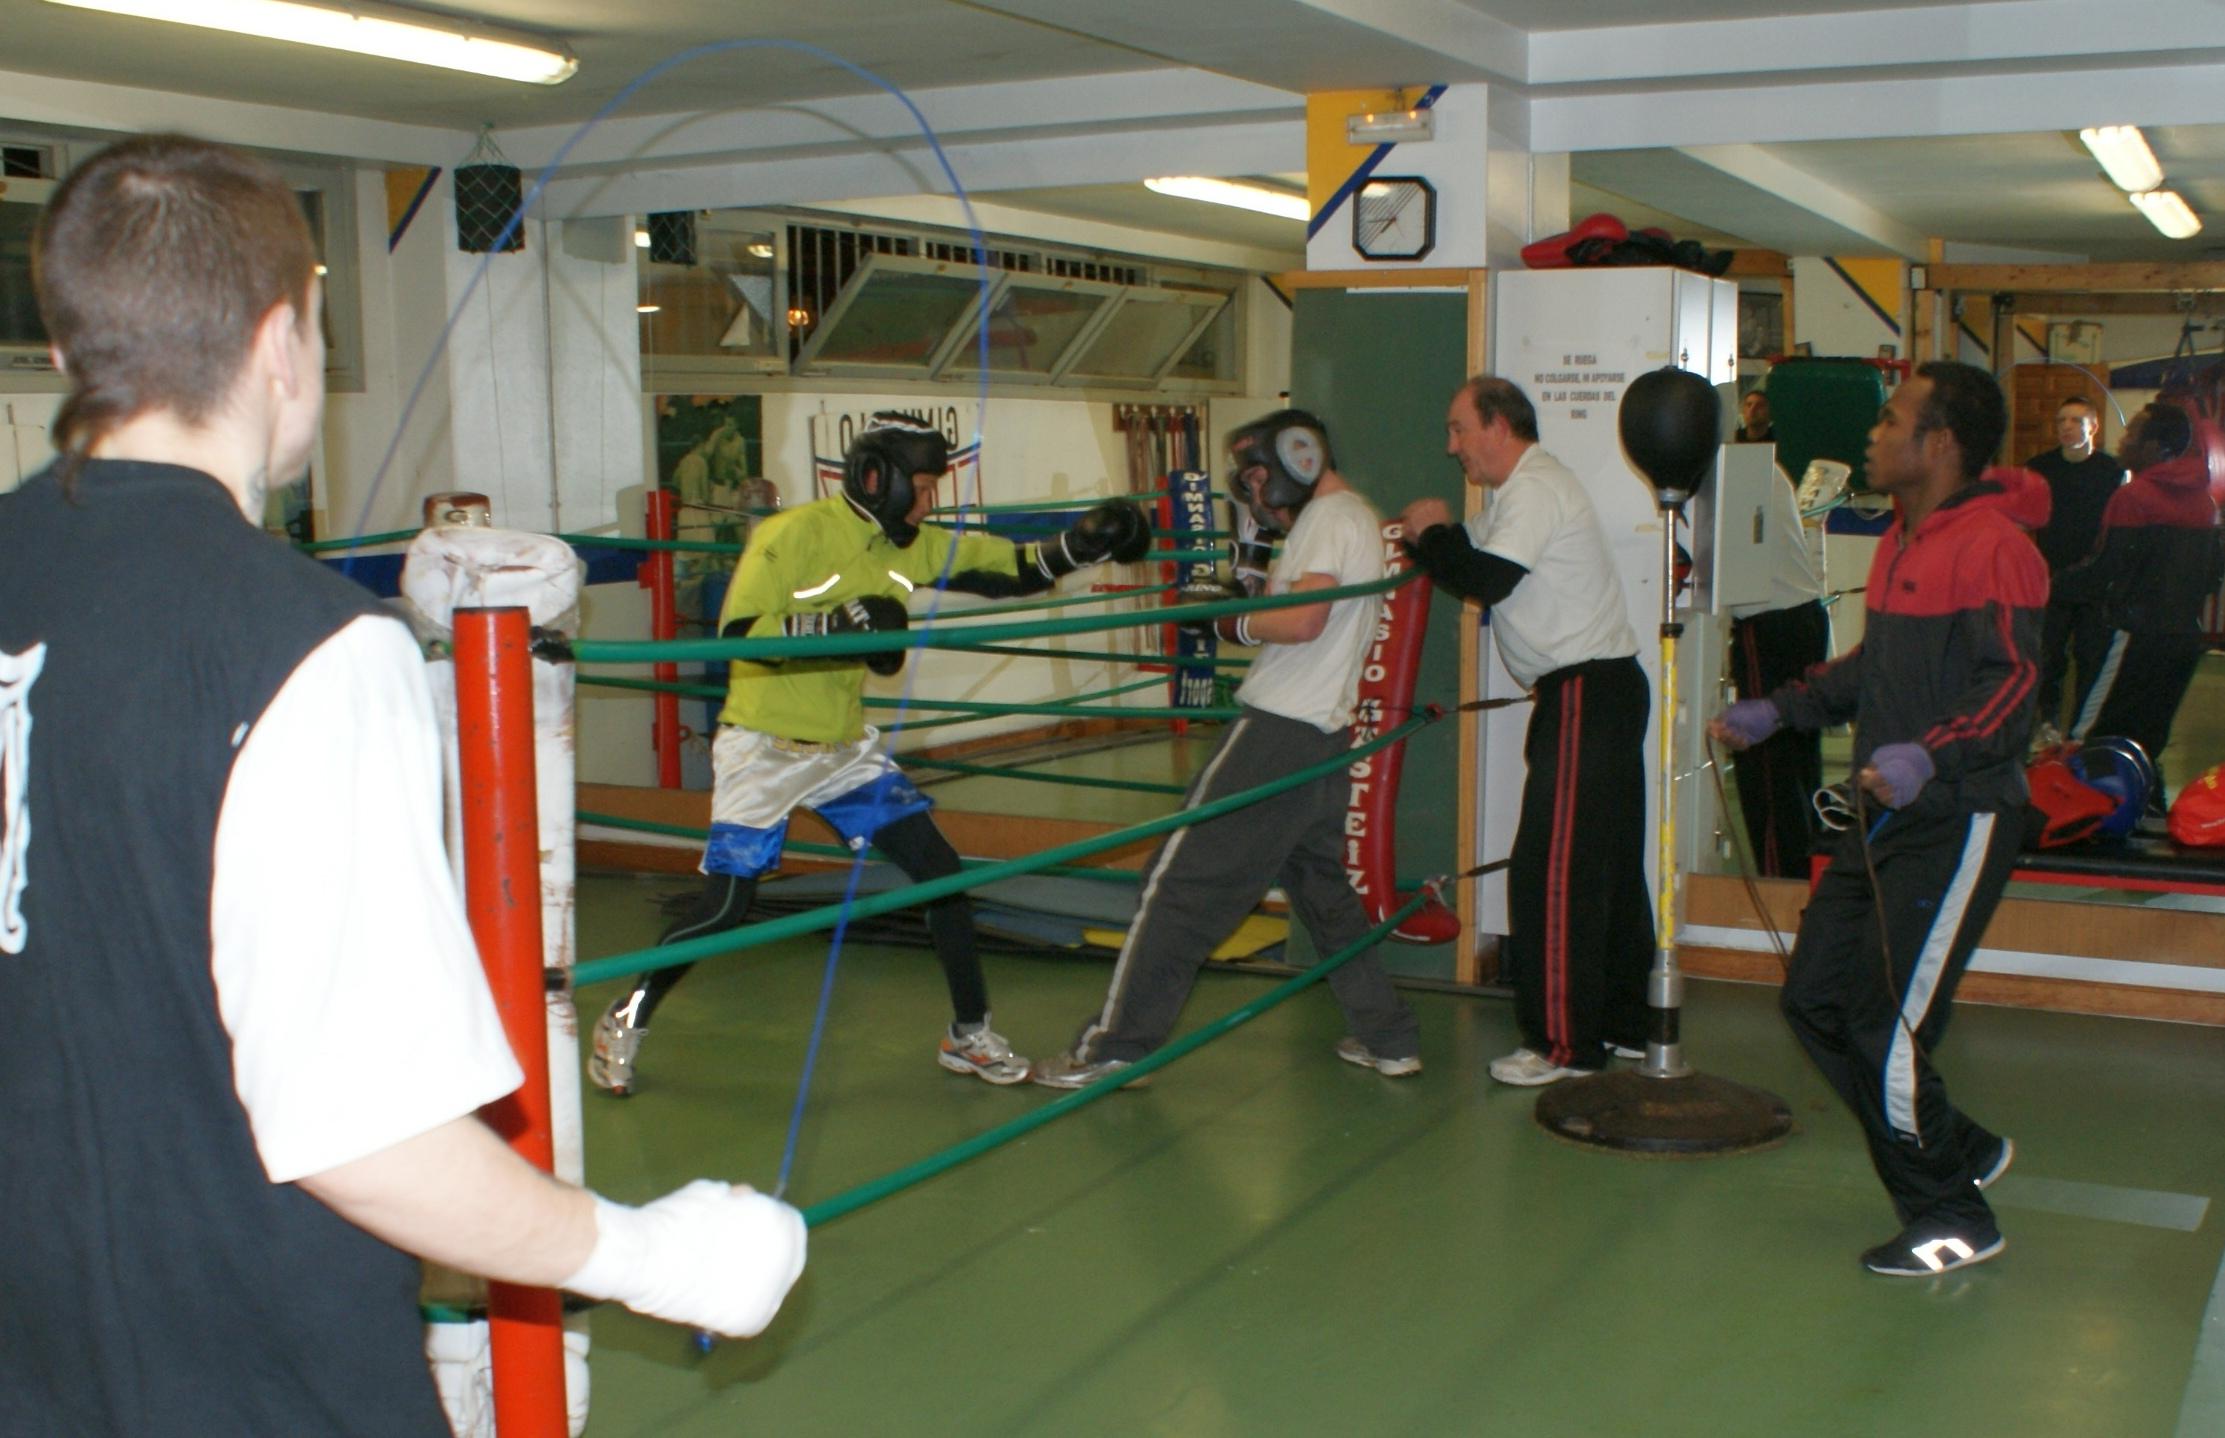 Entrenamiento de Boxeo Profesional en Gasteiz Sport (Reynaldo Cajina, Nacho Mendoza, Kerman Lejarraga, Andoni Alonso, José Luis Celaya )